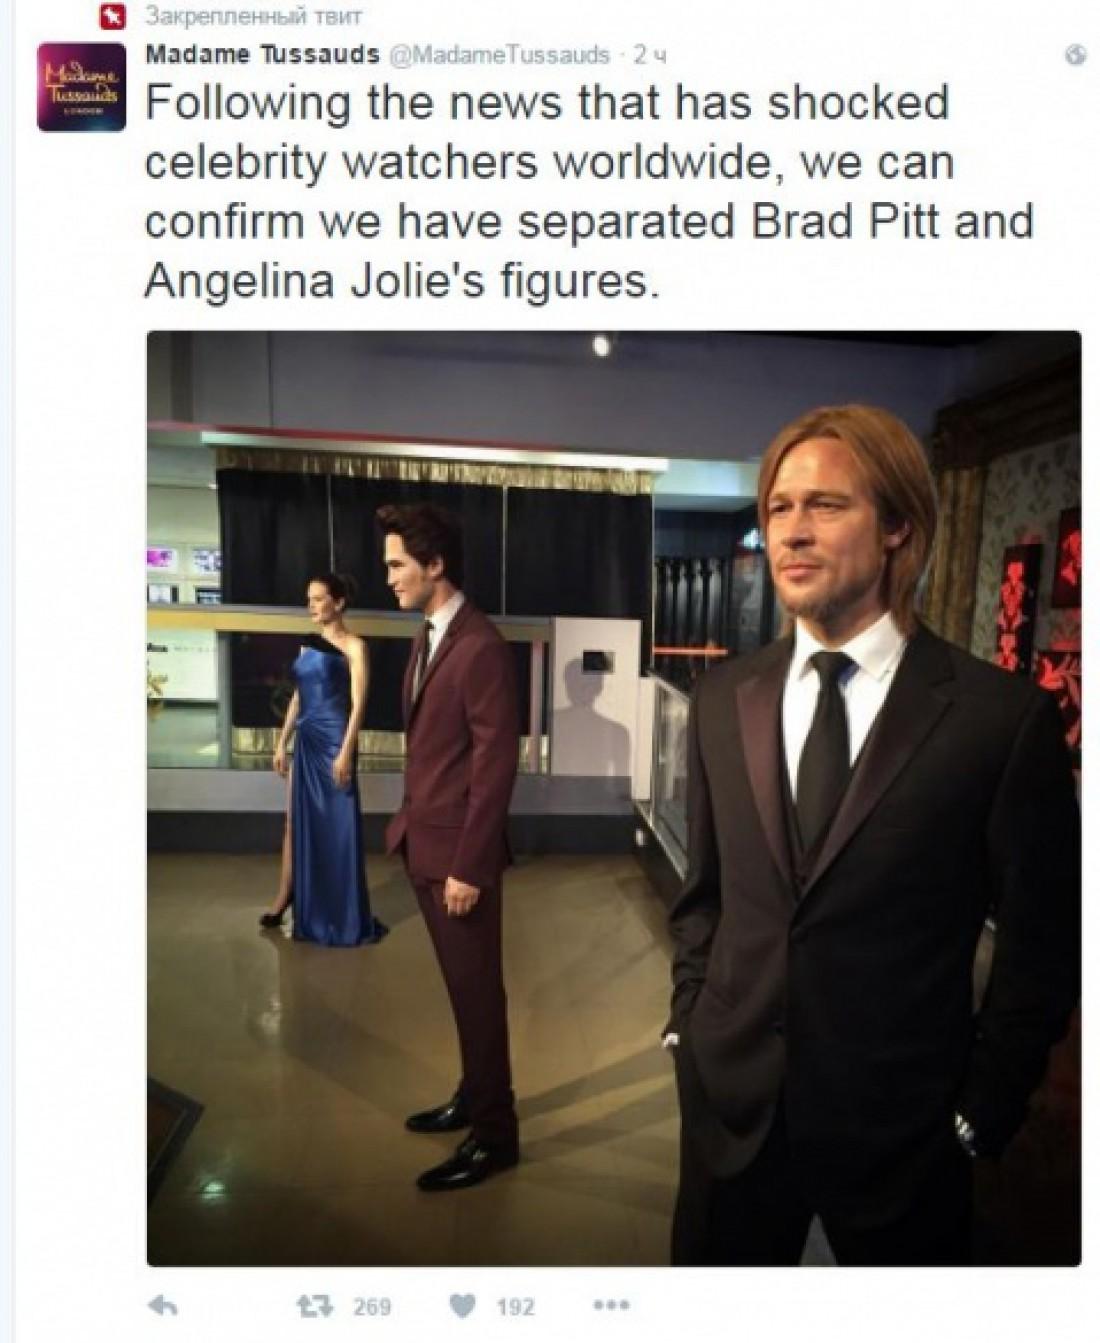 Анджелина Джоли и Брэд Питт в Музее мадам Тюссо